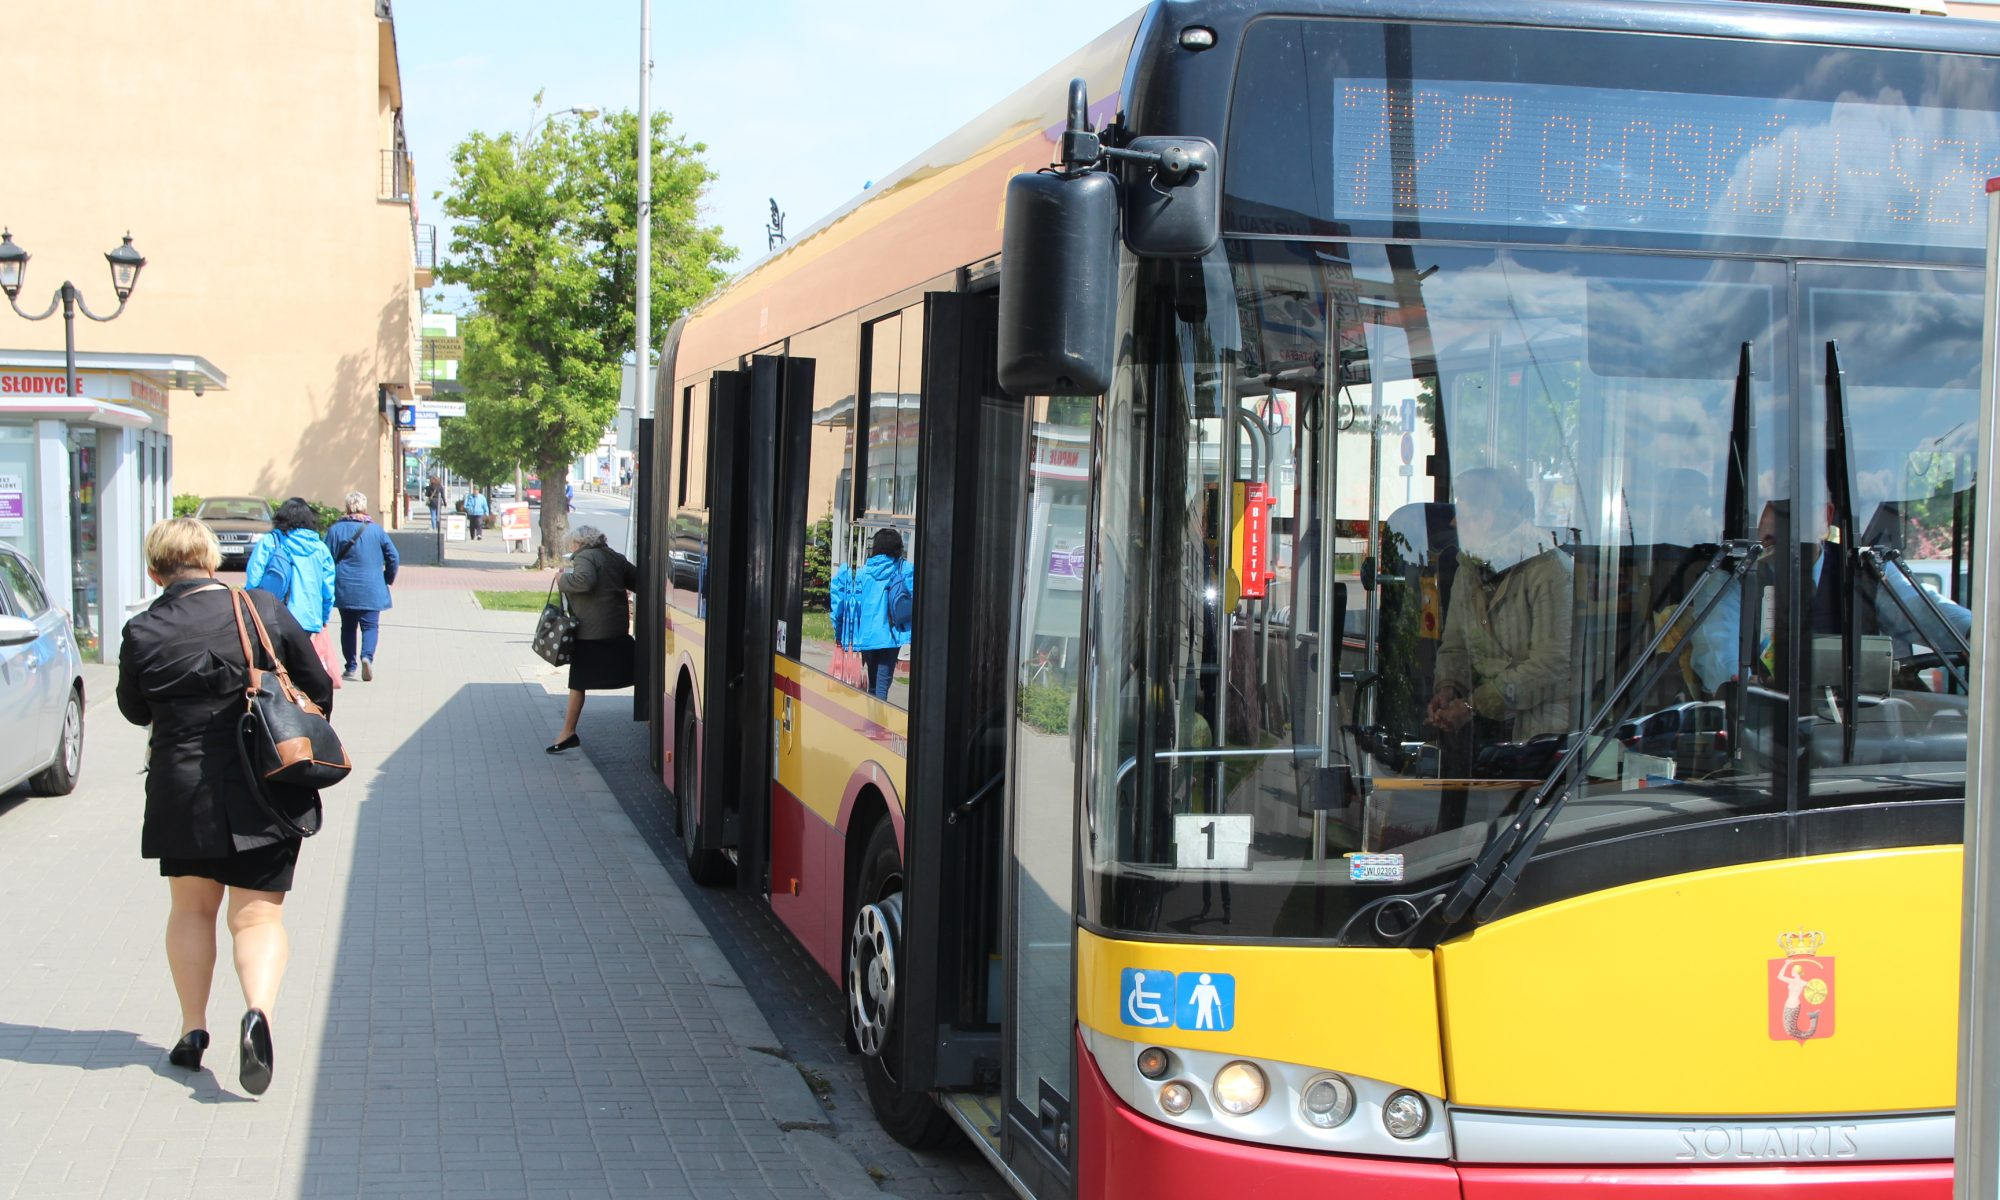 Gmina Piaseczno chce dofinansować bilety okresowe dla mieszkańców - Foto Łukasz Wyleziński/URZĄD MIASTA